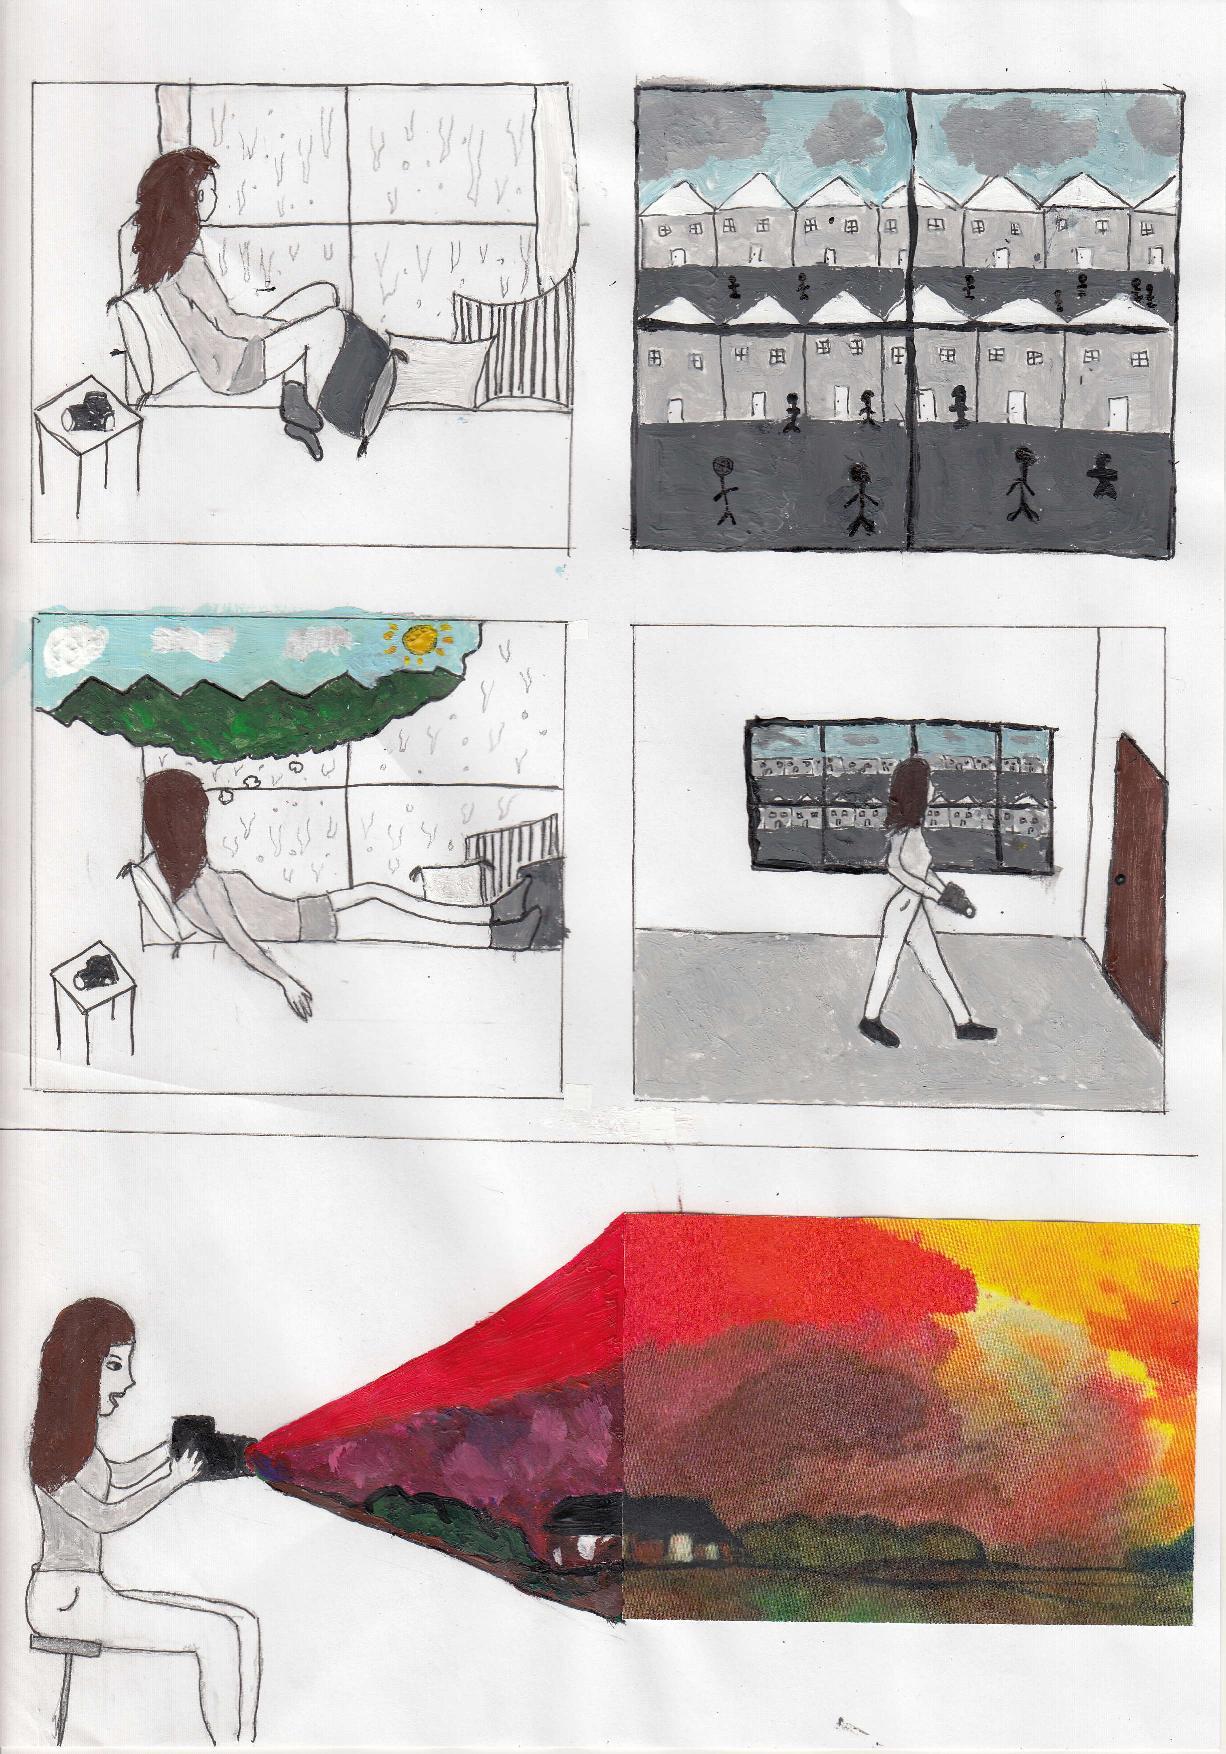 Οι μαθητές της Γ' Γυμνασίου εκφράζονται μέσω της τέχνης κατά τη περίοδο του εγκλεισμού-3